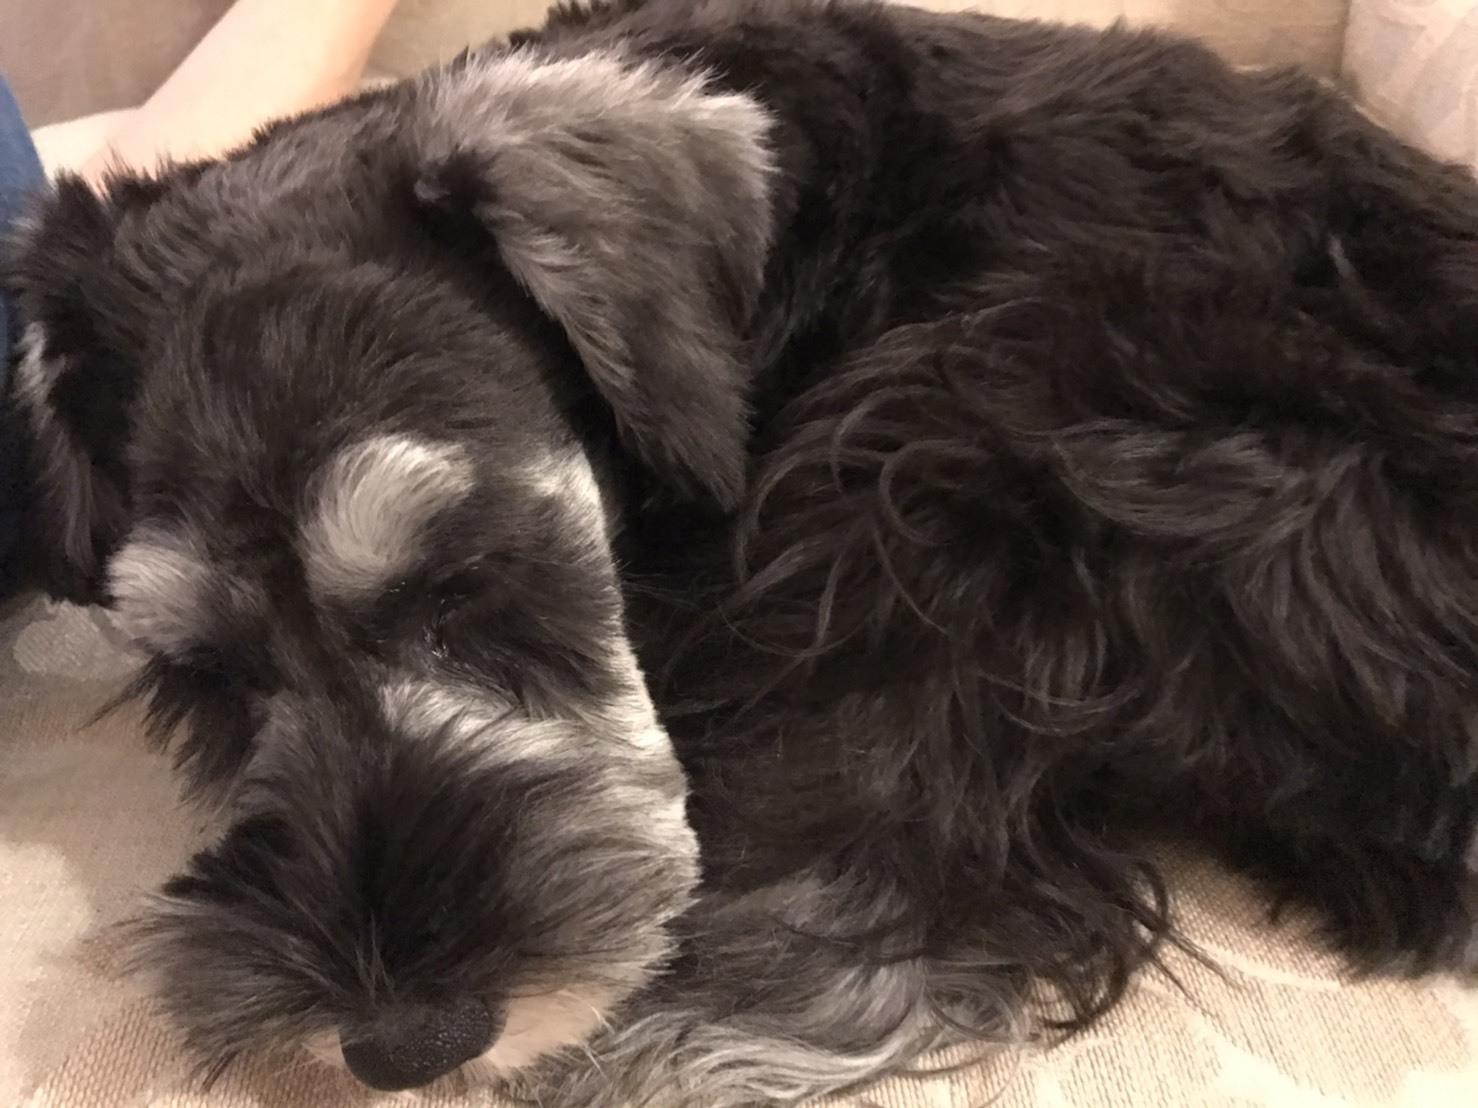 癒しの名犬 ボニーとアン最高〜♪_d0339889_20072381.jpg